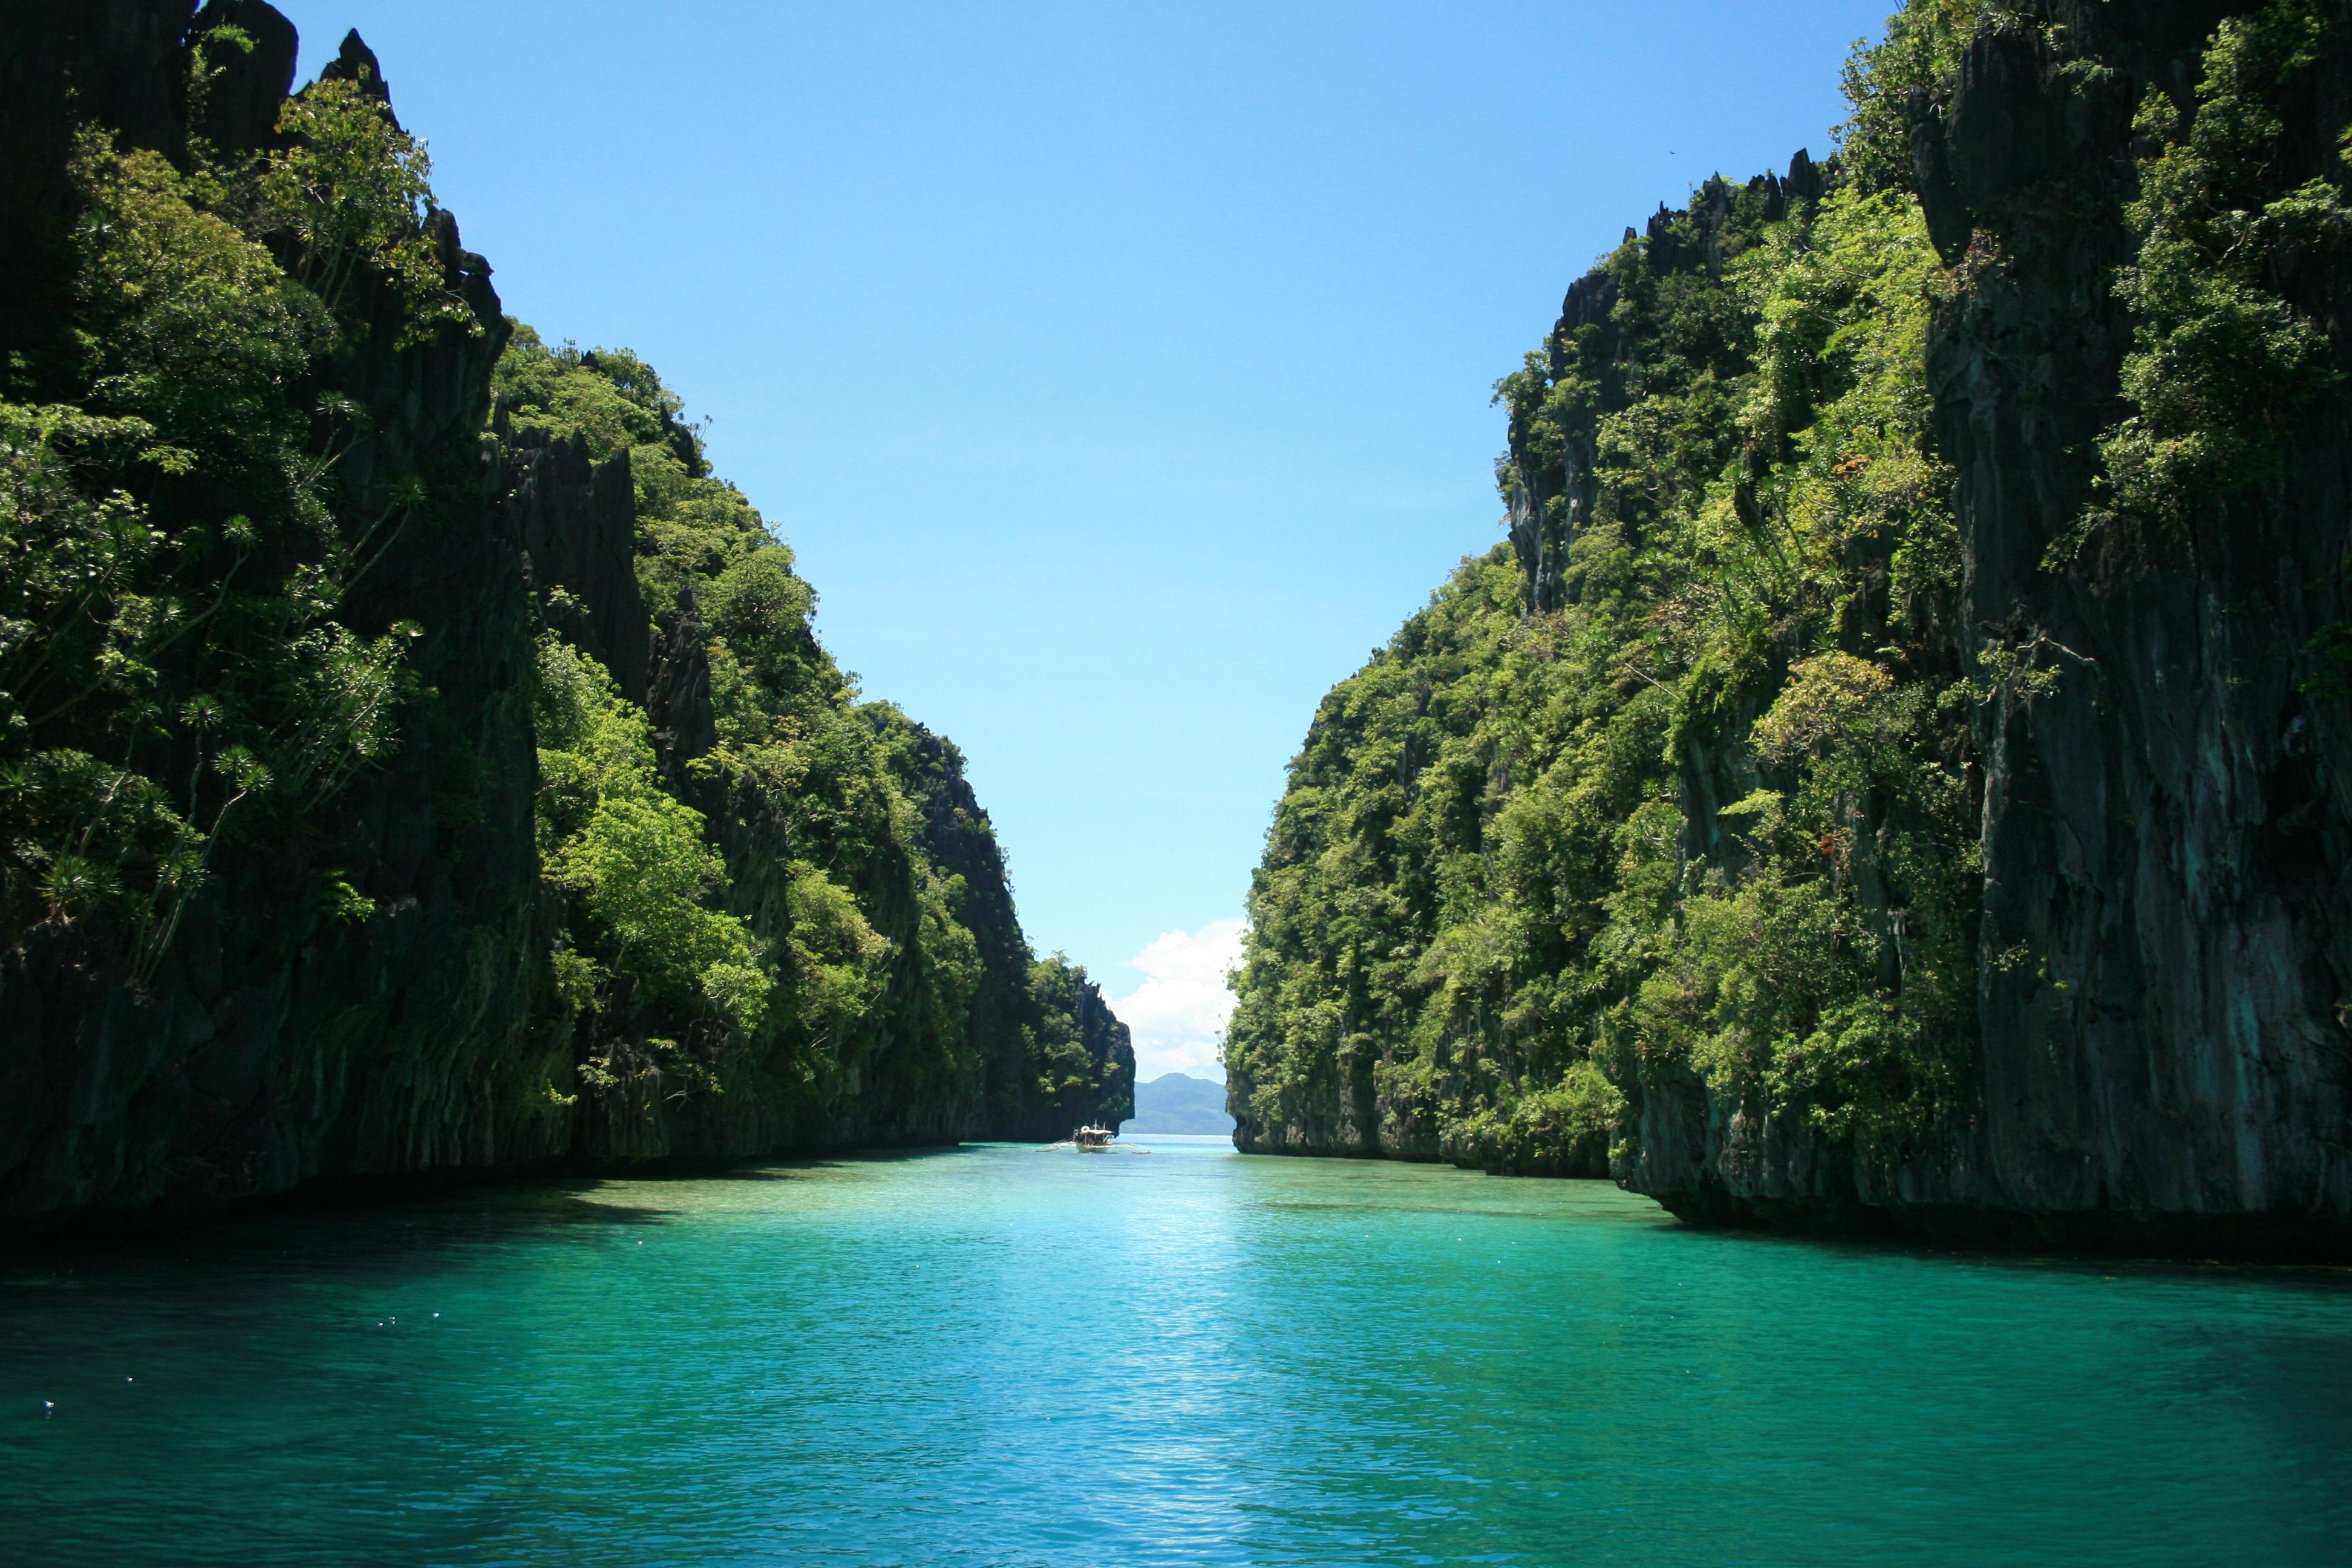 Αποκλειστικό:Δείτε το νησί που γυρίζεται το Nomads!